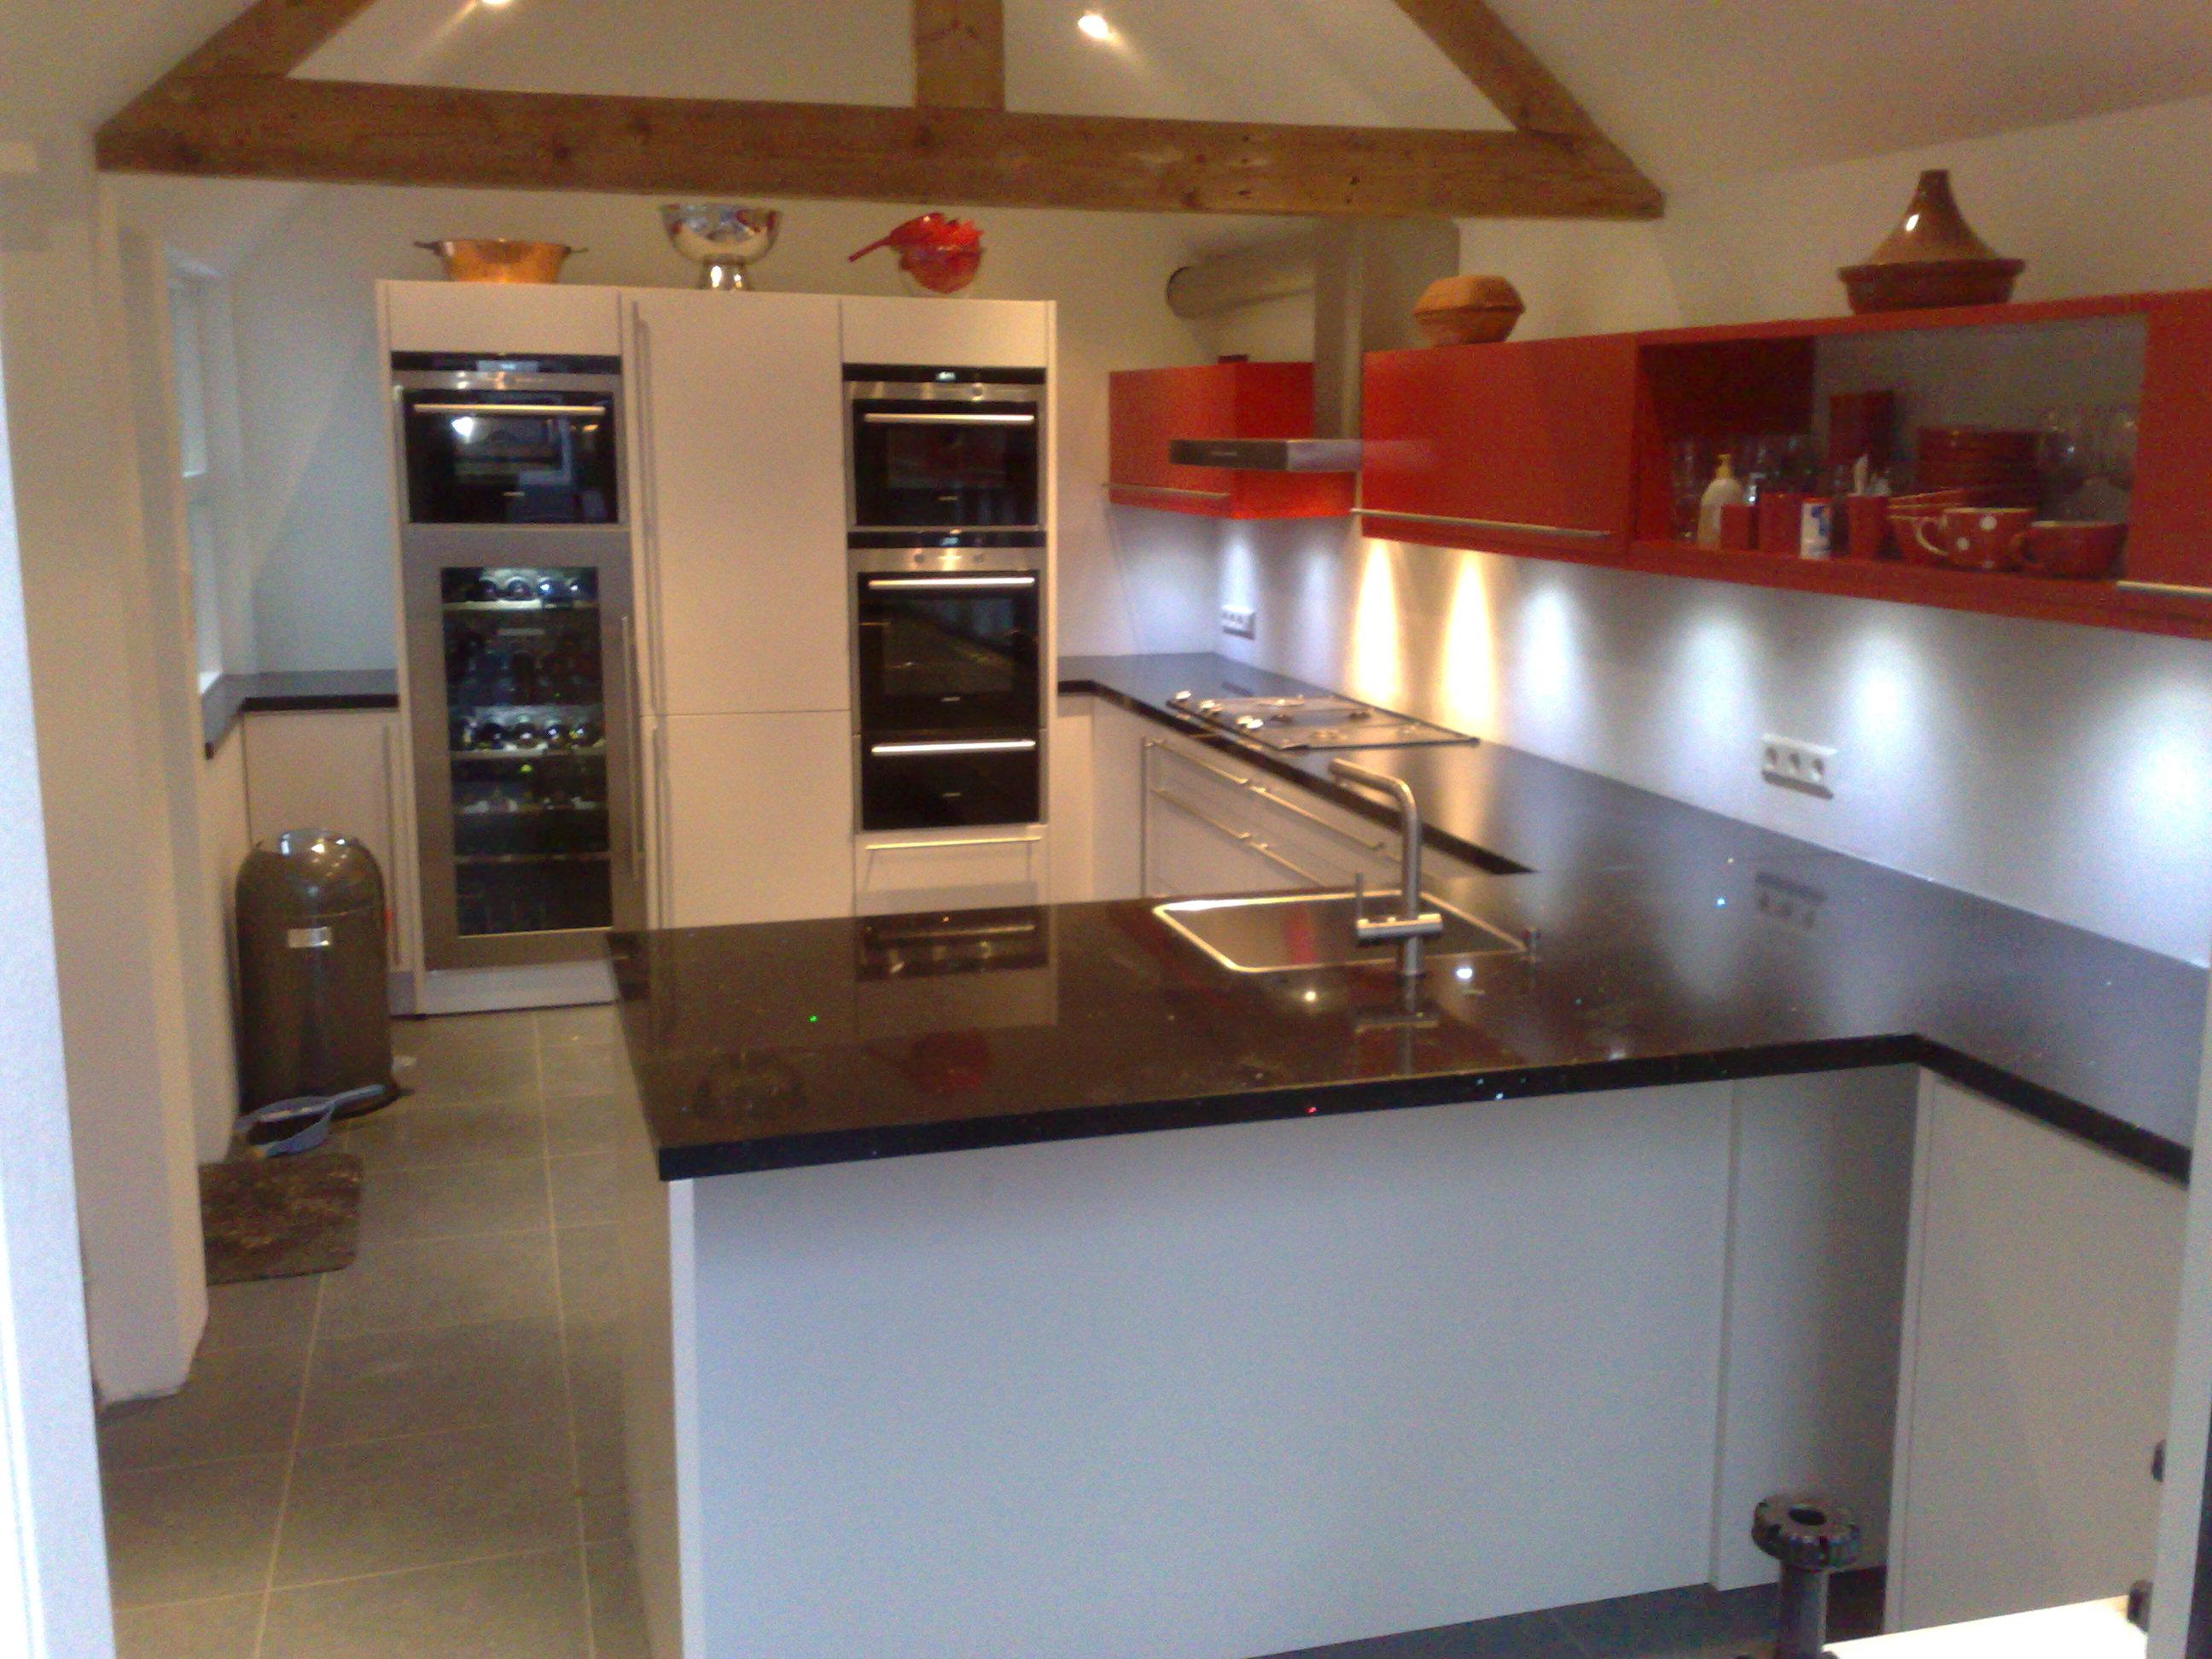 Plaatsen en vernieuwen van keukens aannemer jeff groot - Afbeelding van keuken amenagee ...